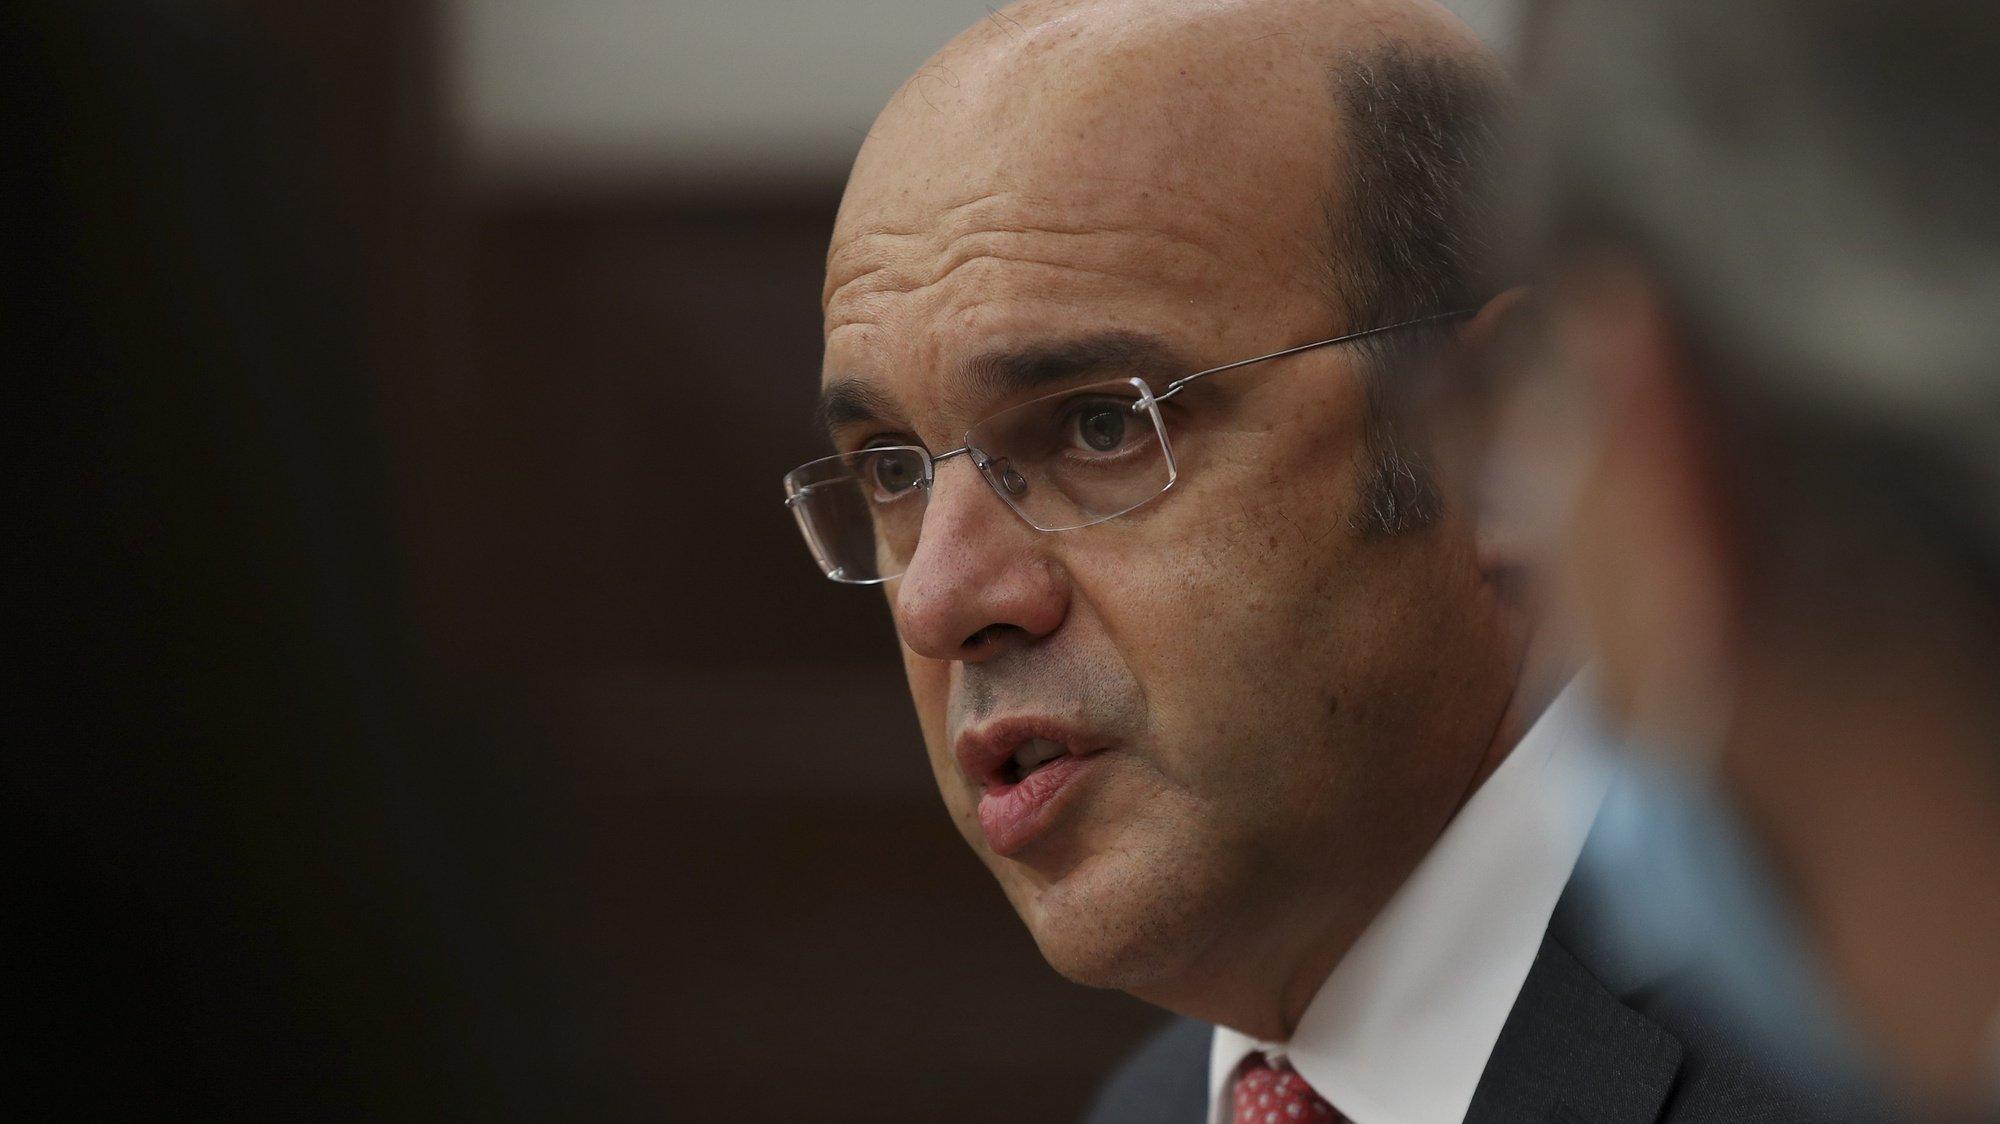 O ministro de Estado, da Economia e da Transição Digital, Pedro Siza Vieira, durante a sua audição na Comissão de Economia, Inovação e Obras Públicas, na Assembleia da República, Lisboa, 22 de outubro de 2020. MANUEL DE ALMEIDA/LUSA